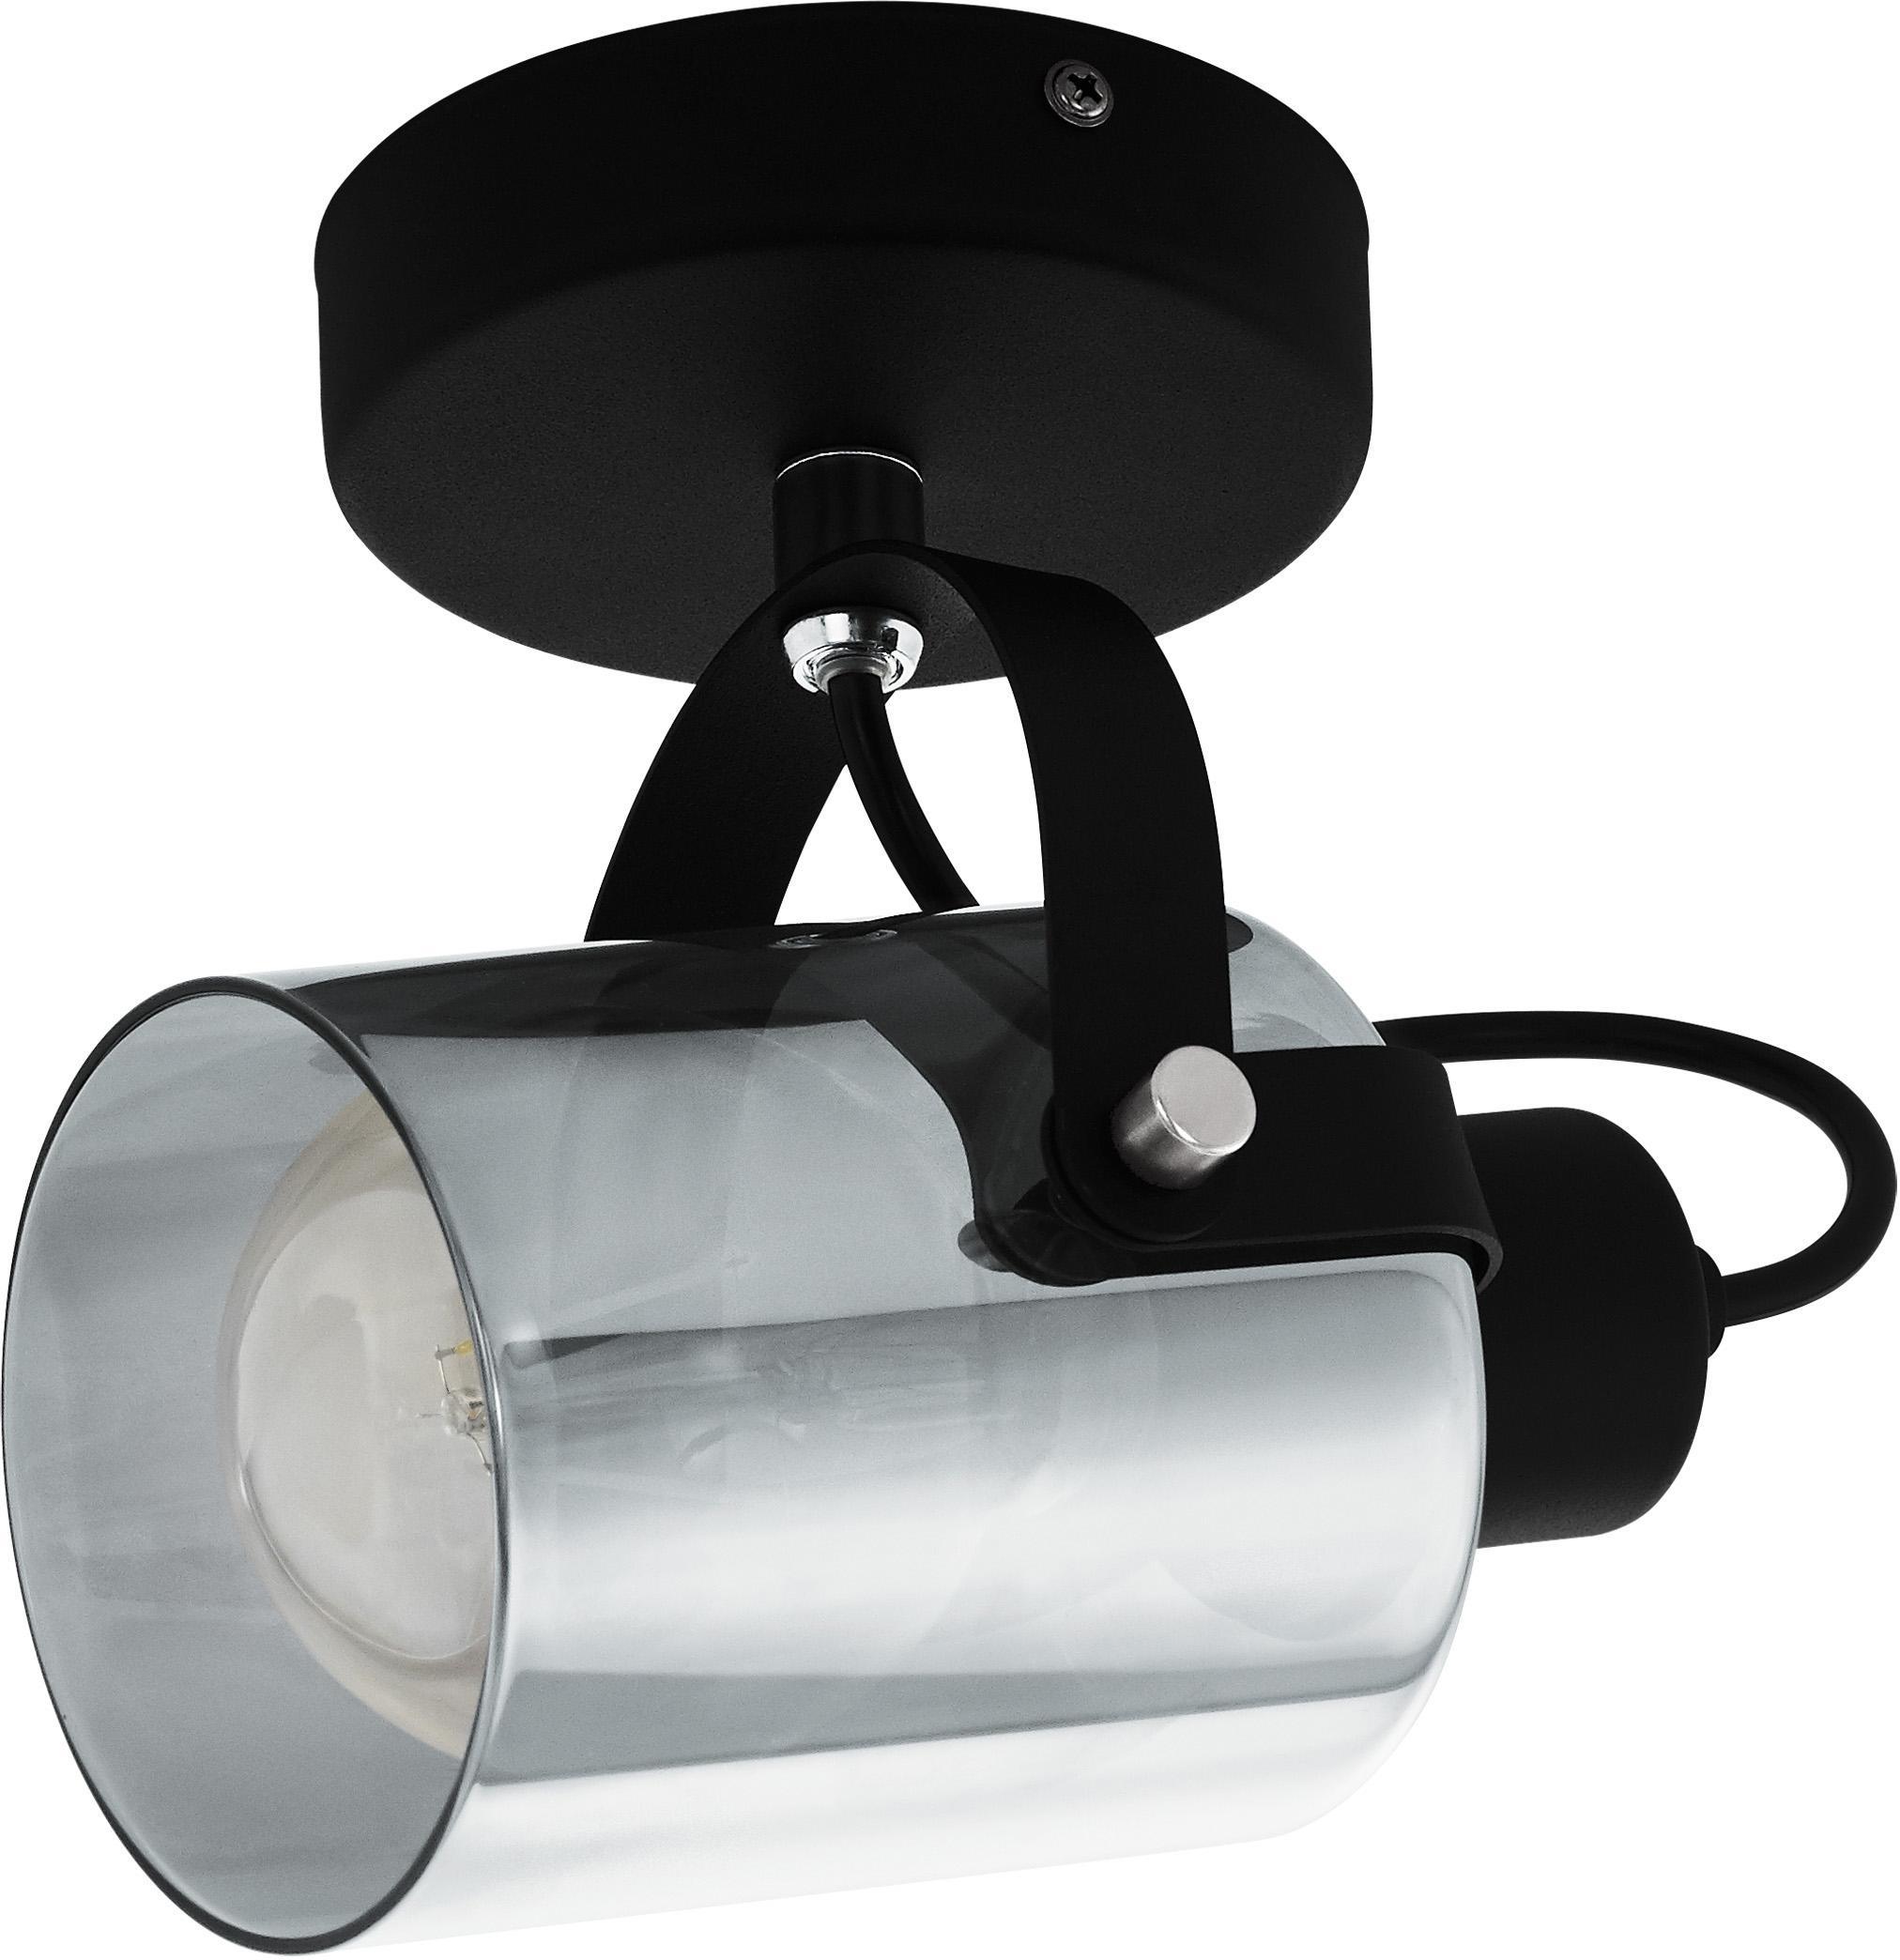 Decken- und Wandleuchte Berregas aus verchromtem Glas, Lampenschirm: Glas, Baldachin: Metall, lackiert, Chromfarben, Schwarz, 13 x 11 cm